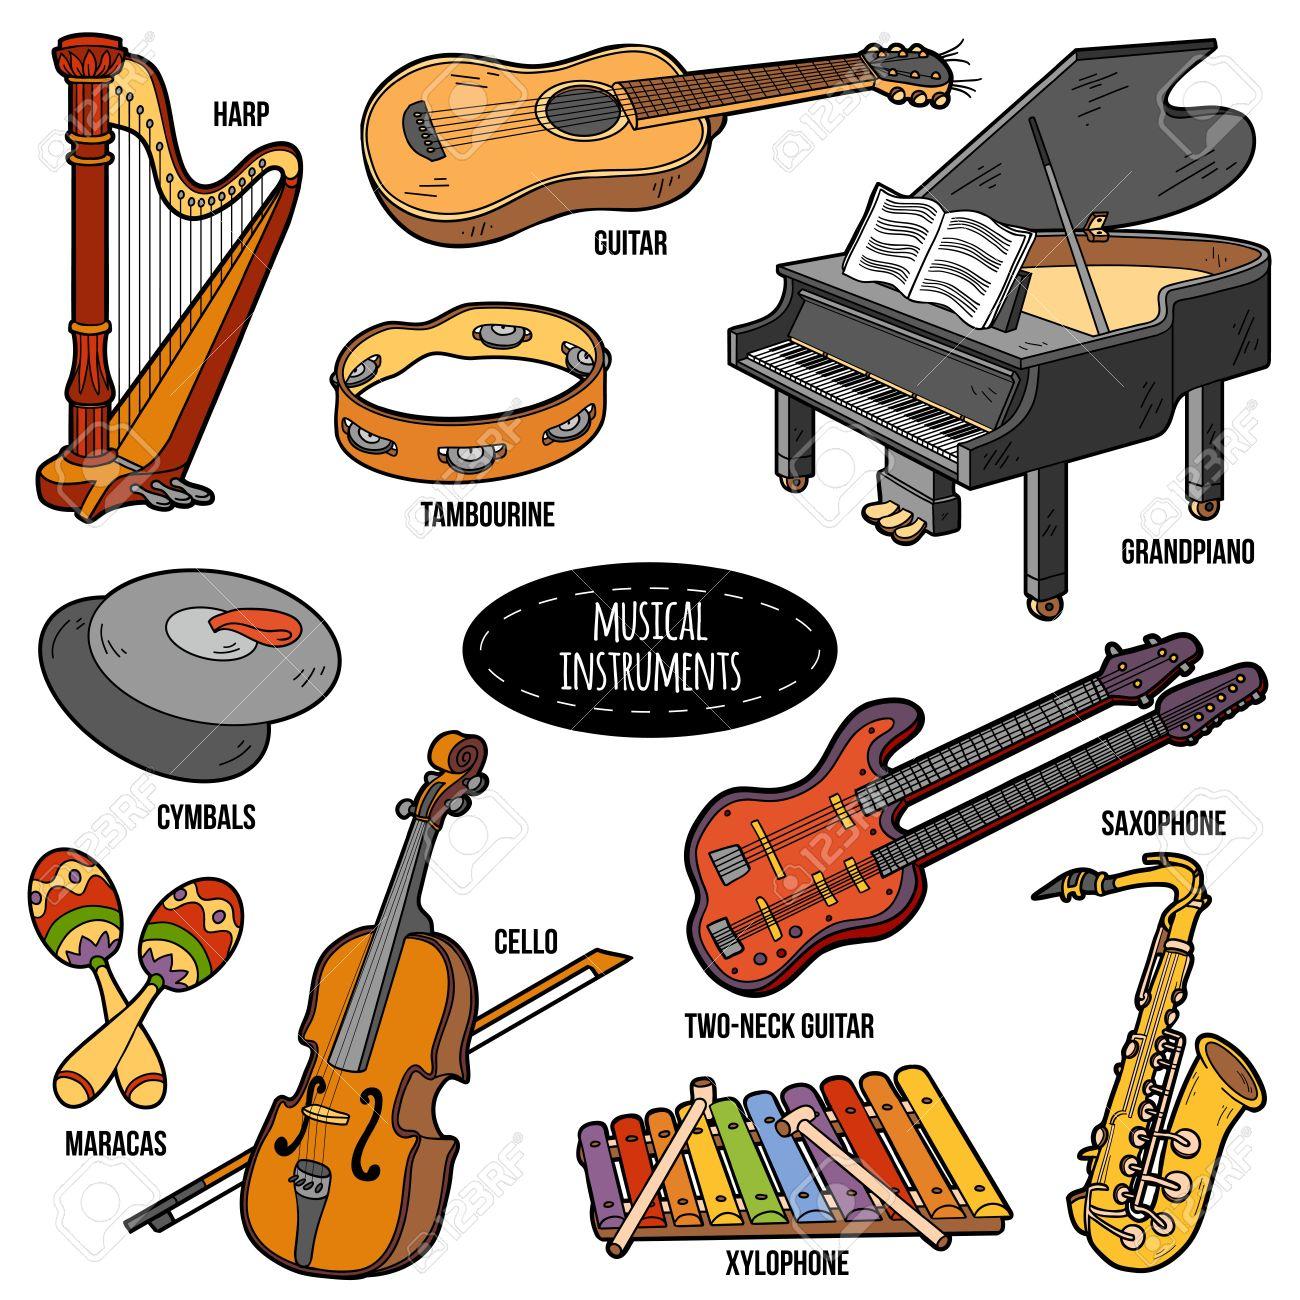 Color Fijó Con Instrumentos Musicales Pegatinas De Dibujos Animados